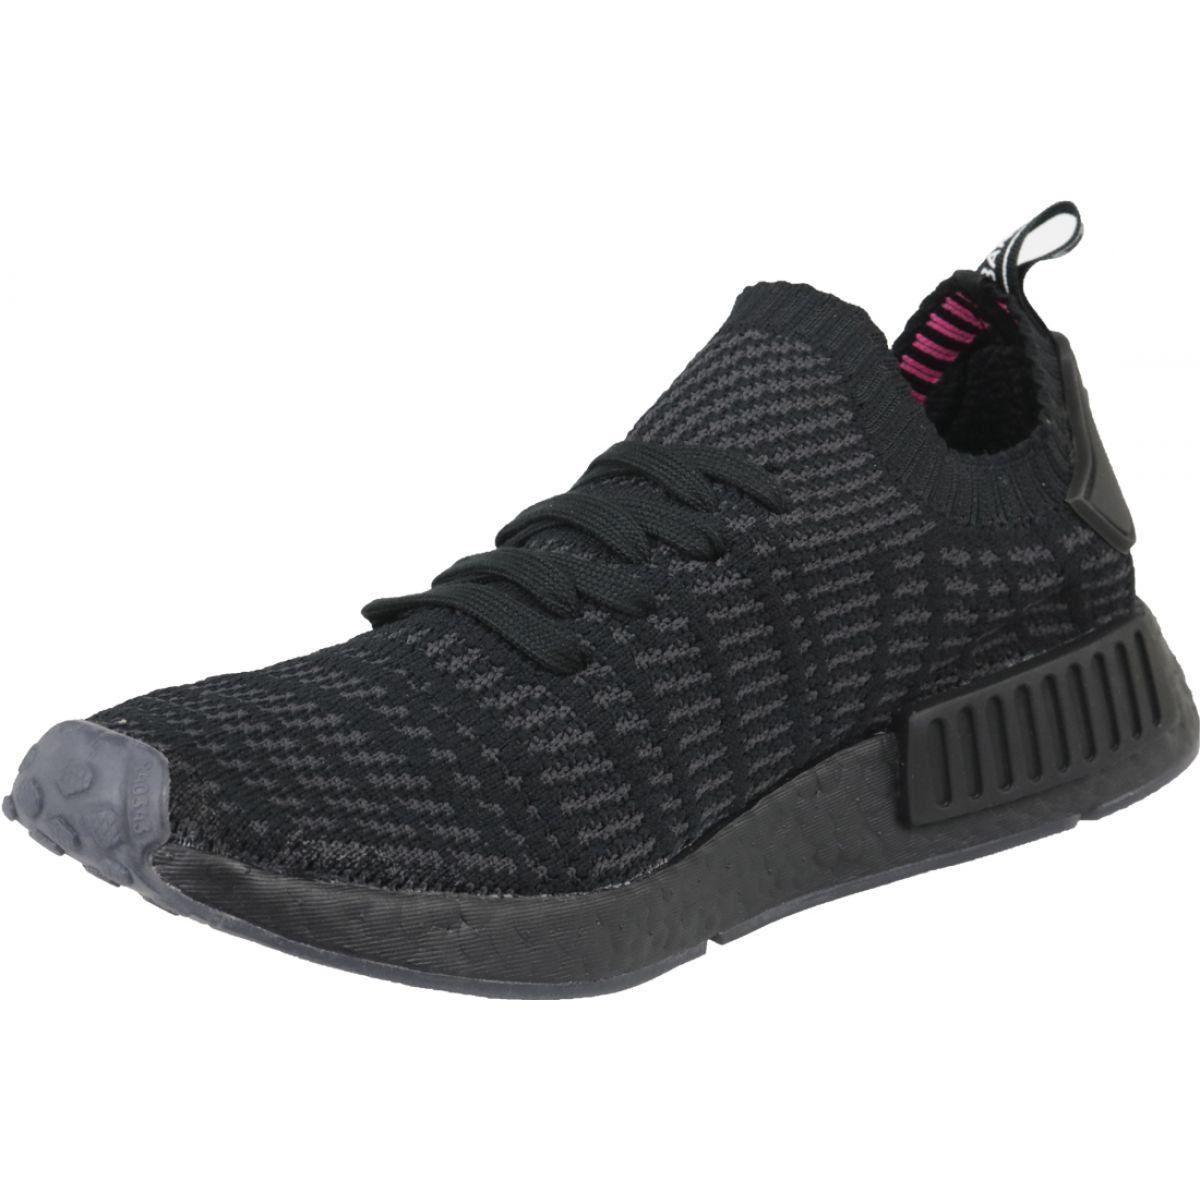 online store 0adf3 842f3 Black Adidas NMD_R1 Stlt Pk M CQ2391 shoes